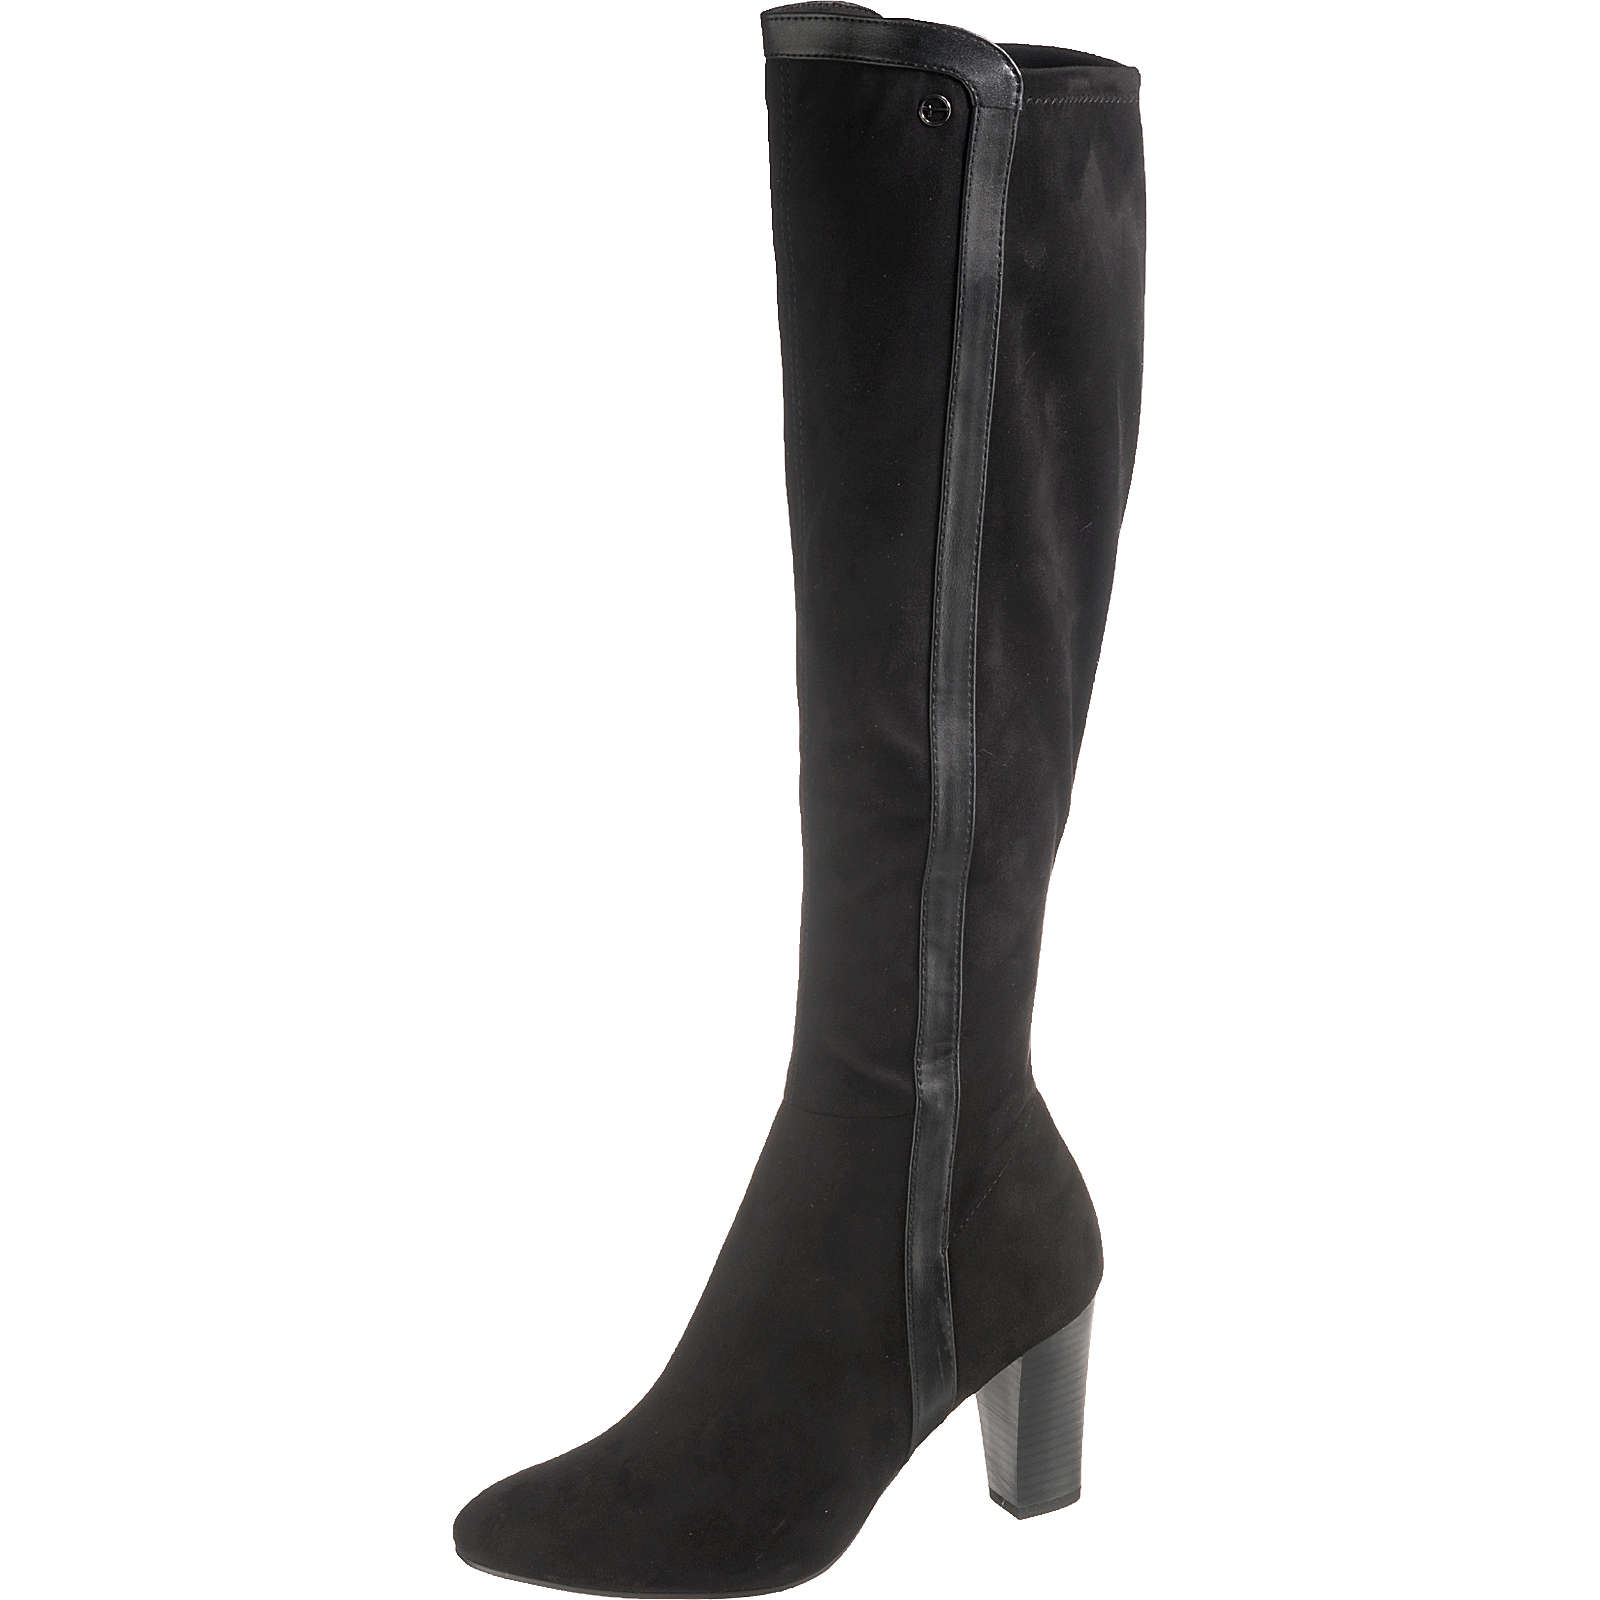 Tamaris Klassische Stiefel schwarz Damen Gr. 38